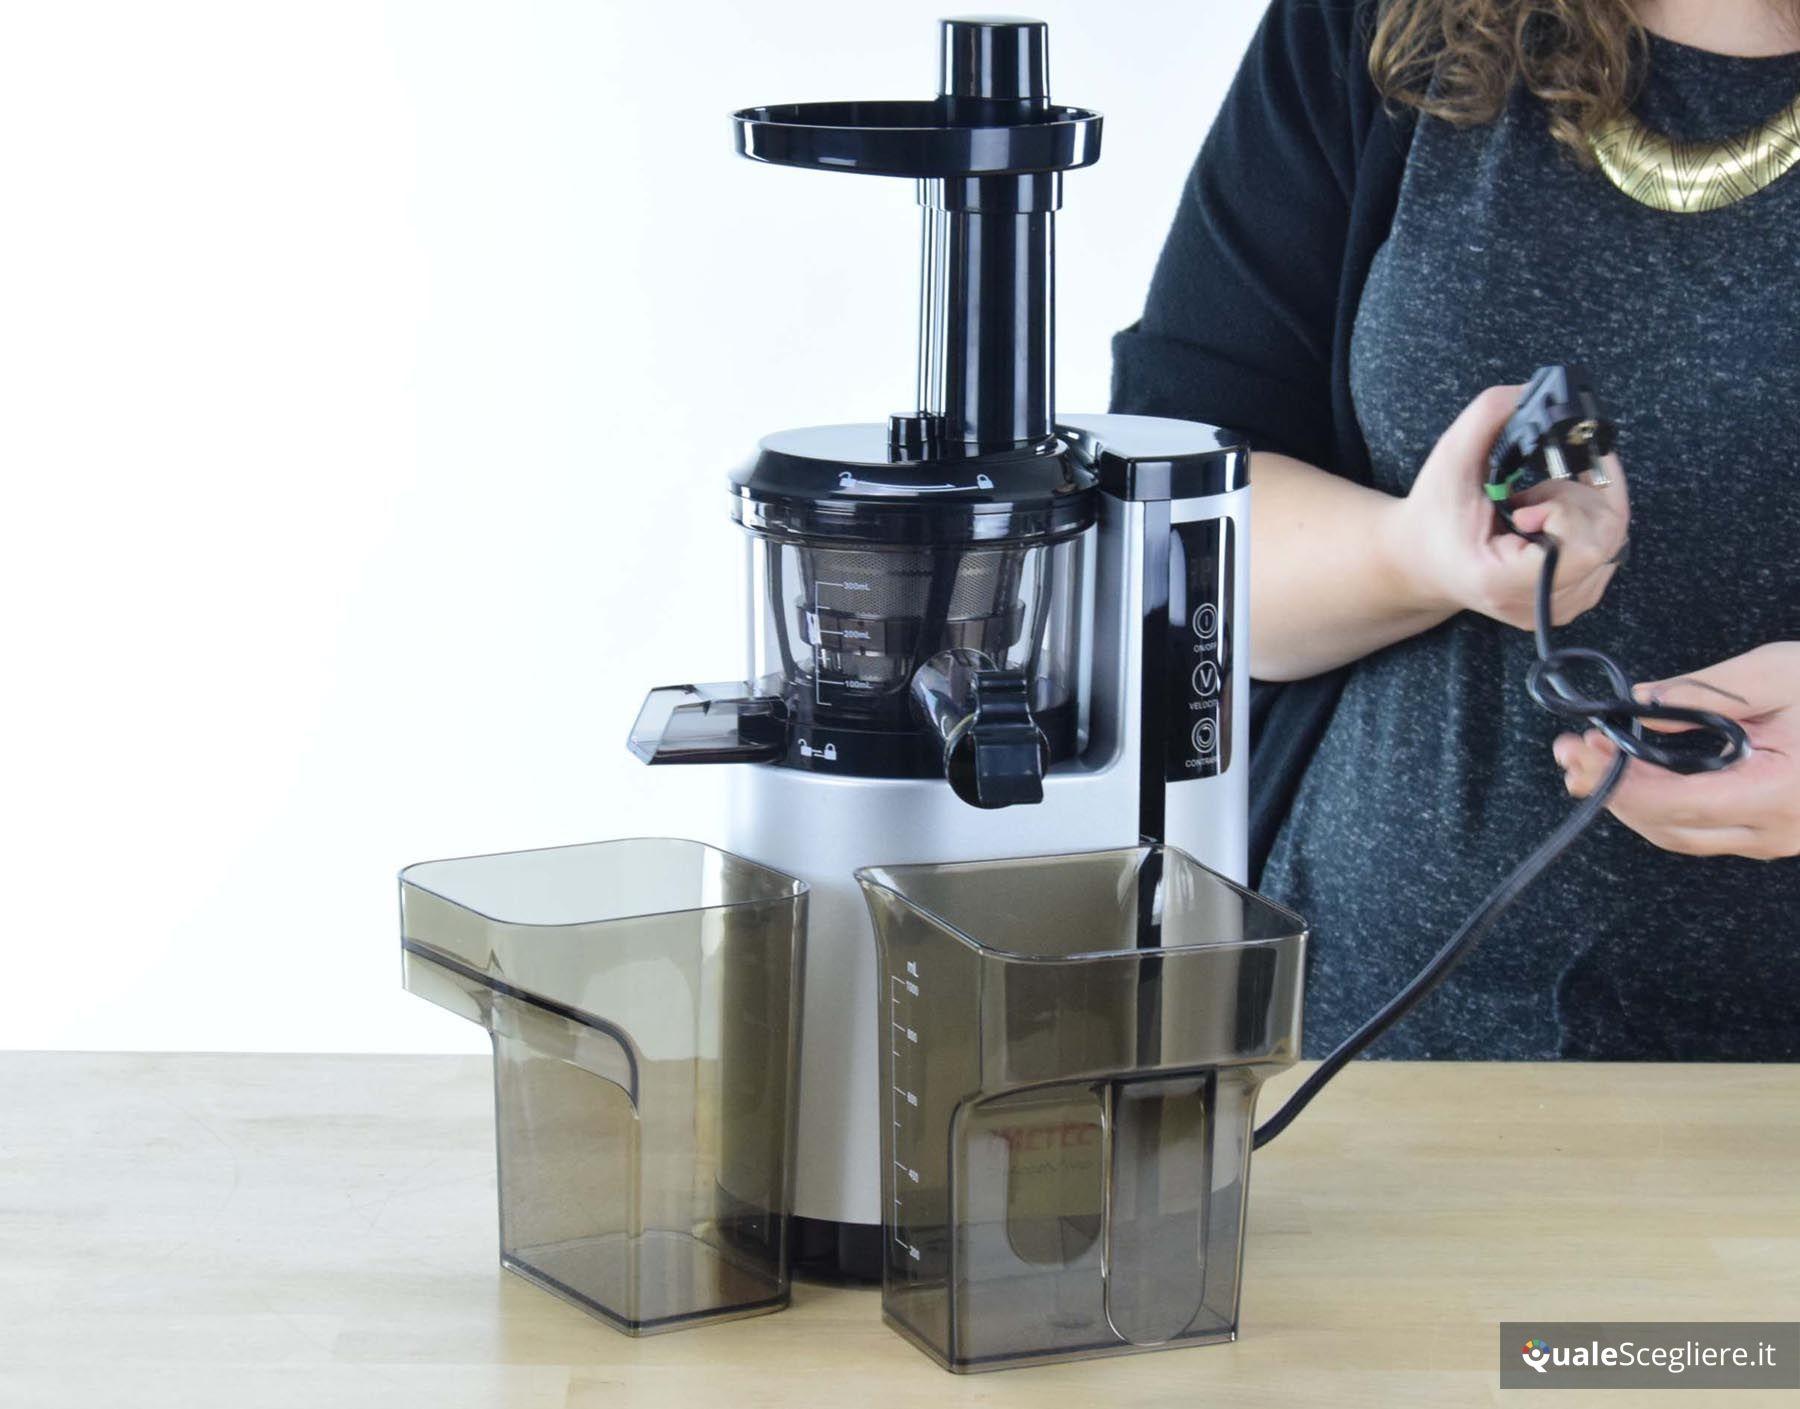 Recensione imetec succovivo compact sj 700 for Estrattore imetec